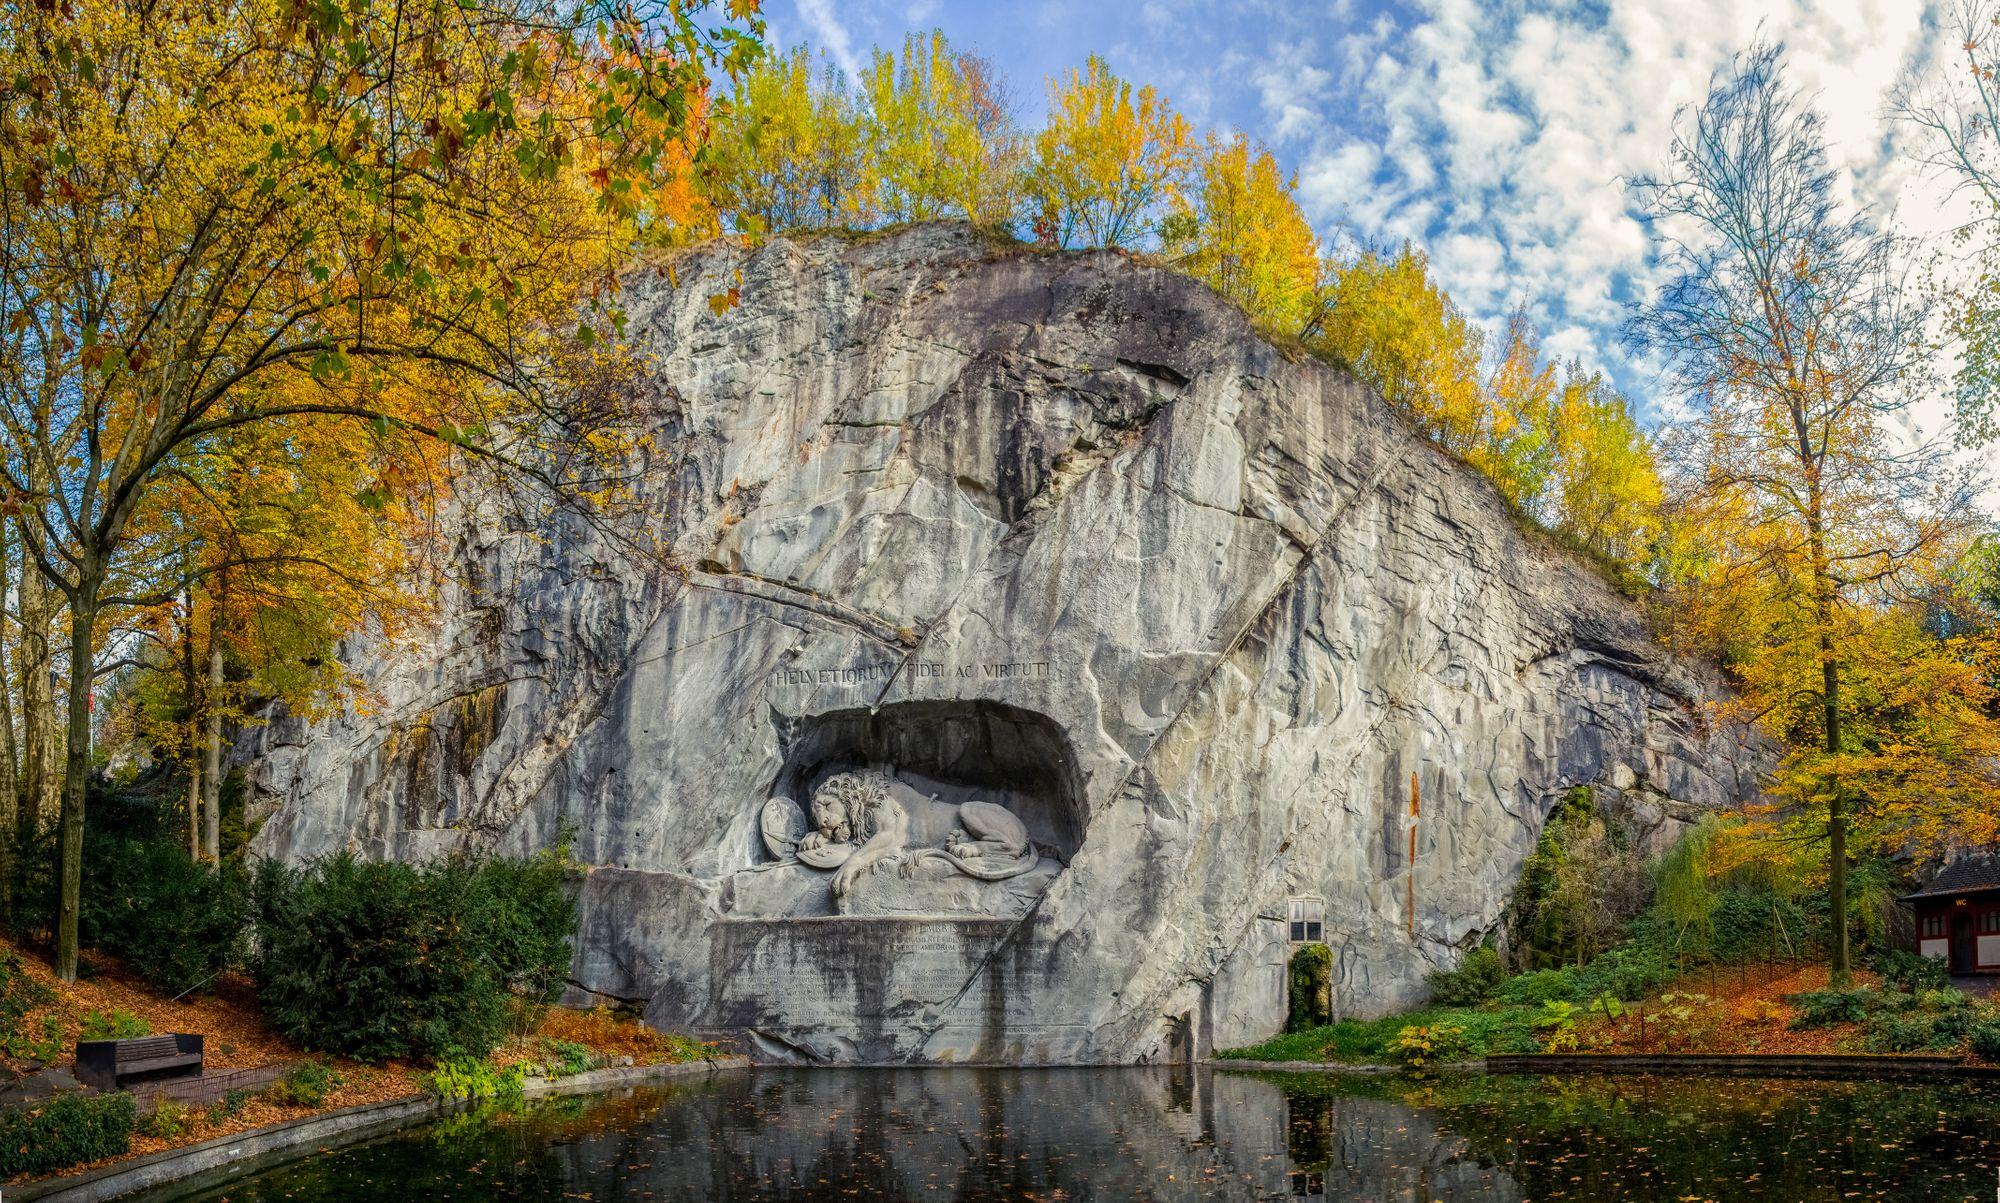 The Lion Monument